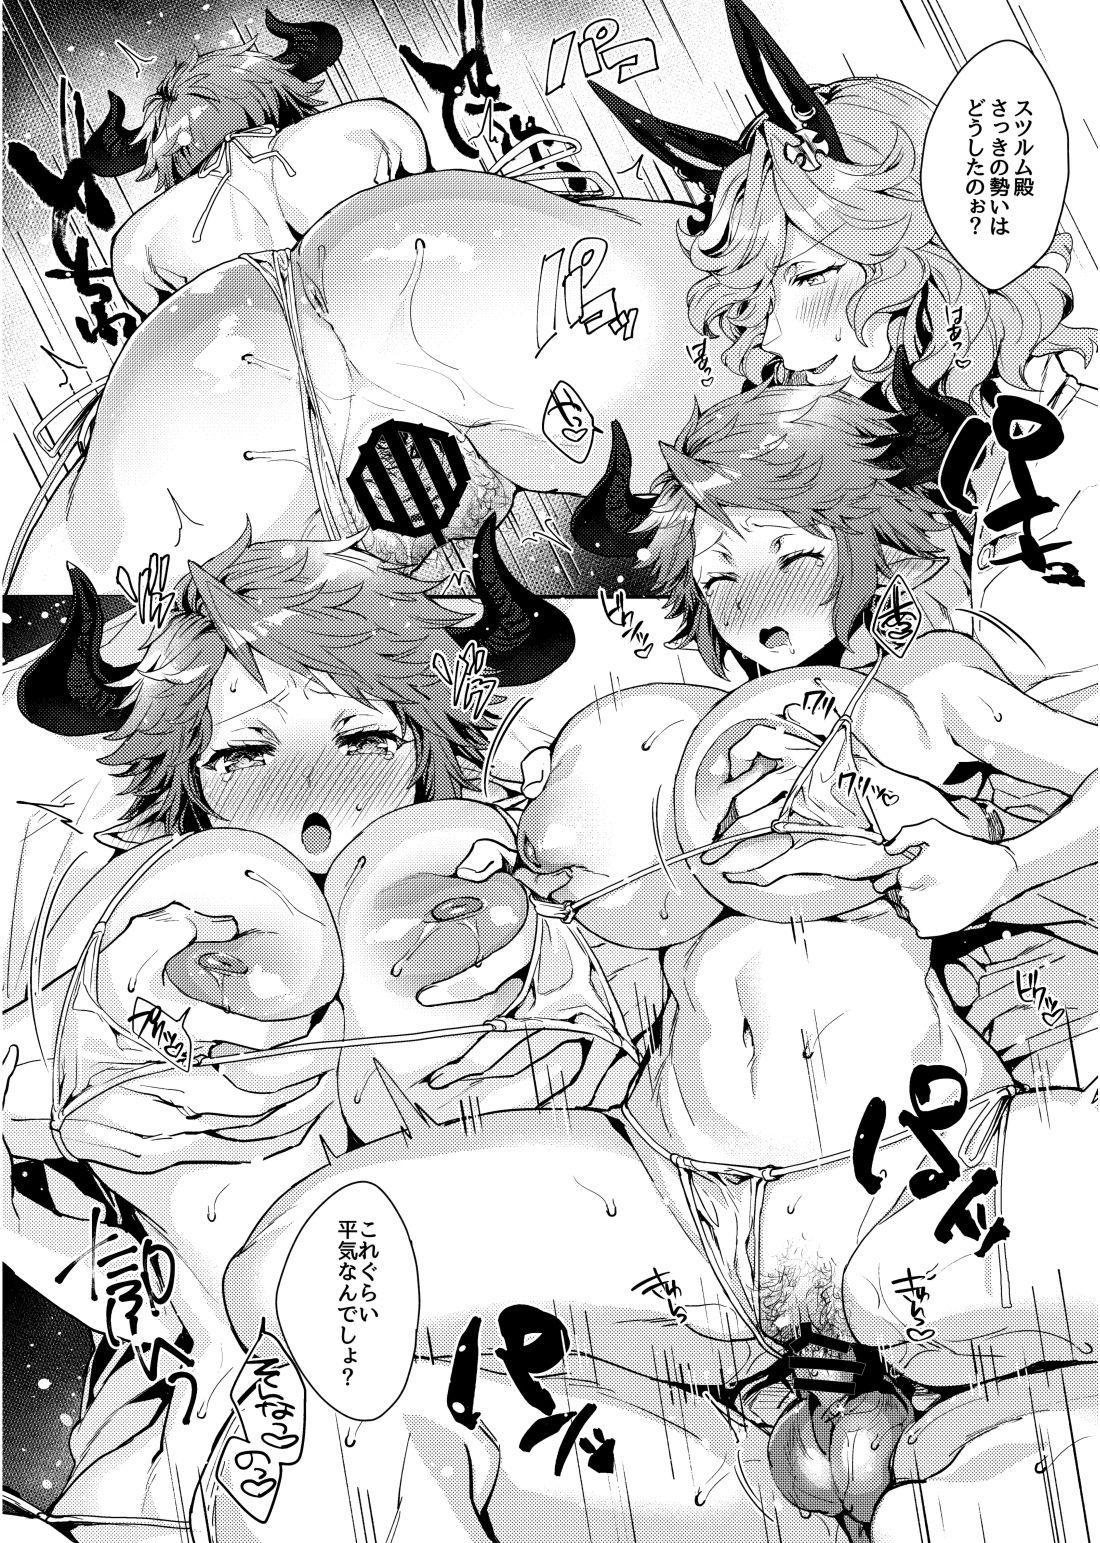 Kore Gurai Atashi ni datte Dekiru tte Itteru daro! 22